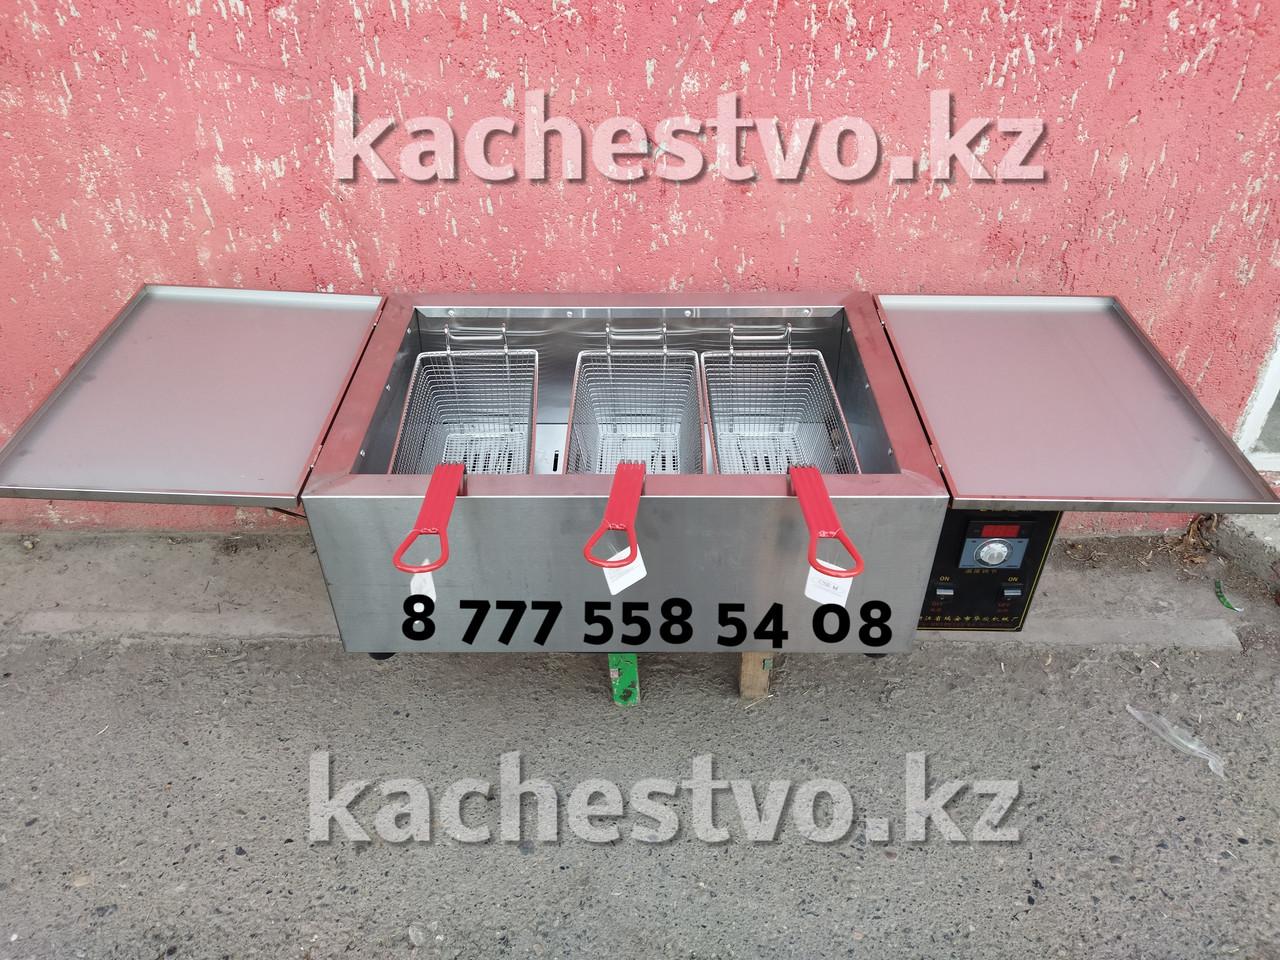 Фритюрница 50 - 300°C Чикен Аппарат на 25 литров 220В 3 корзины от KFC